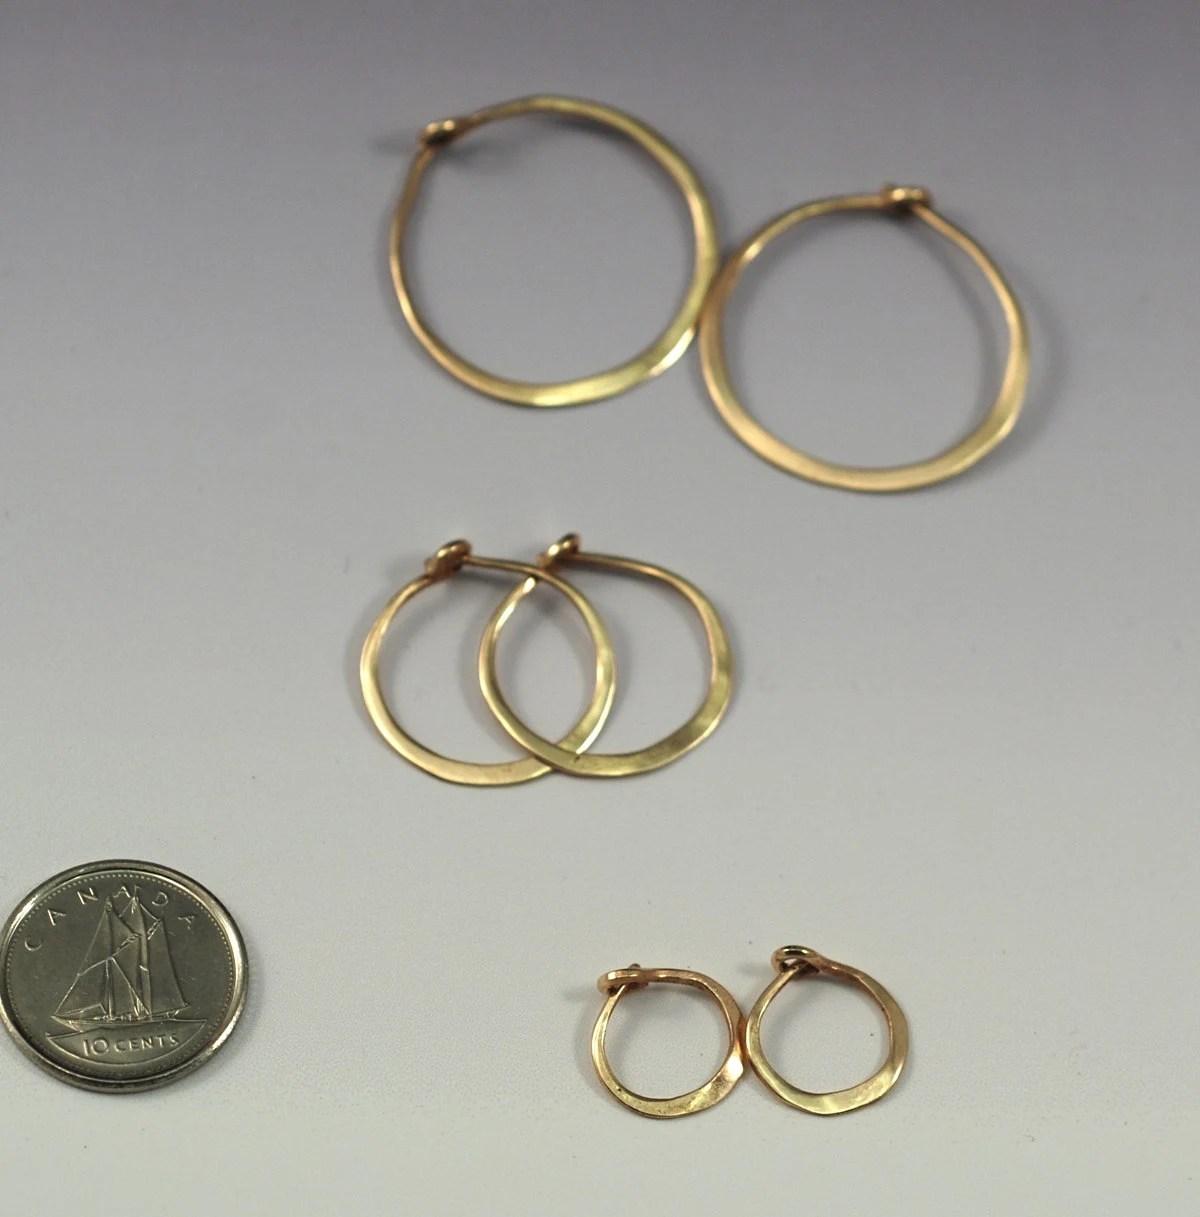 3/4 Inch Solid 14k Gold Hoop Earrings 2 cm by